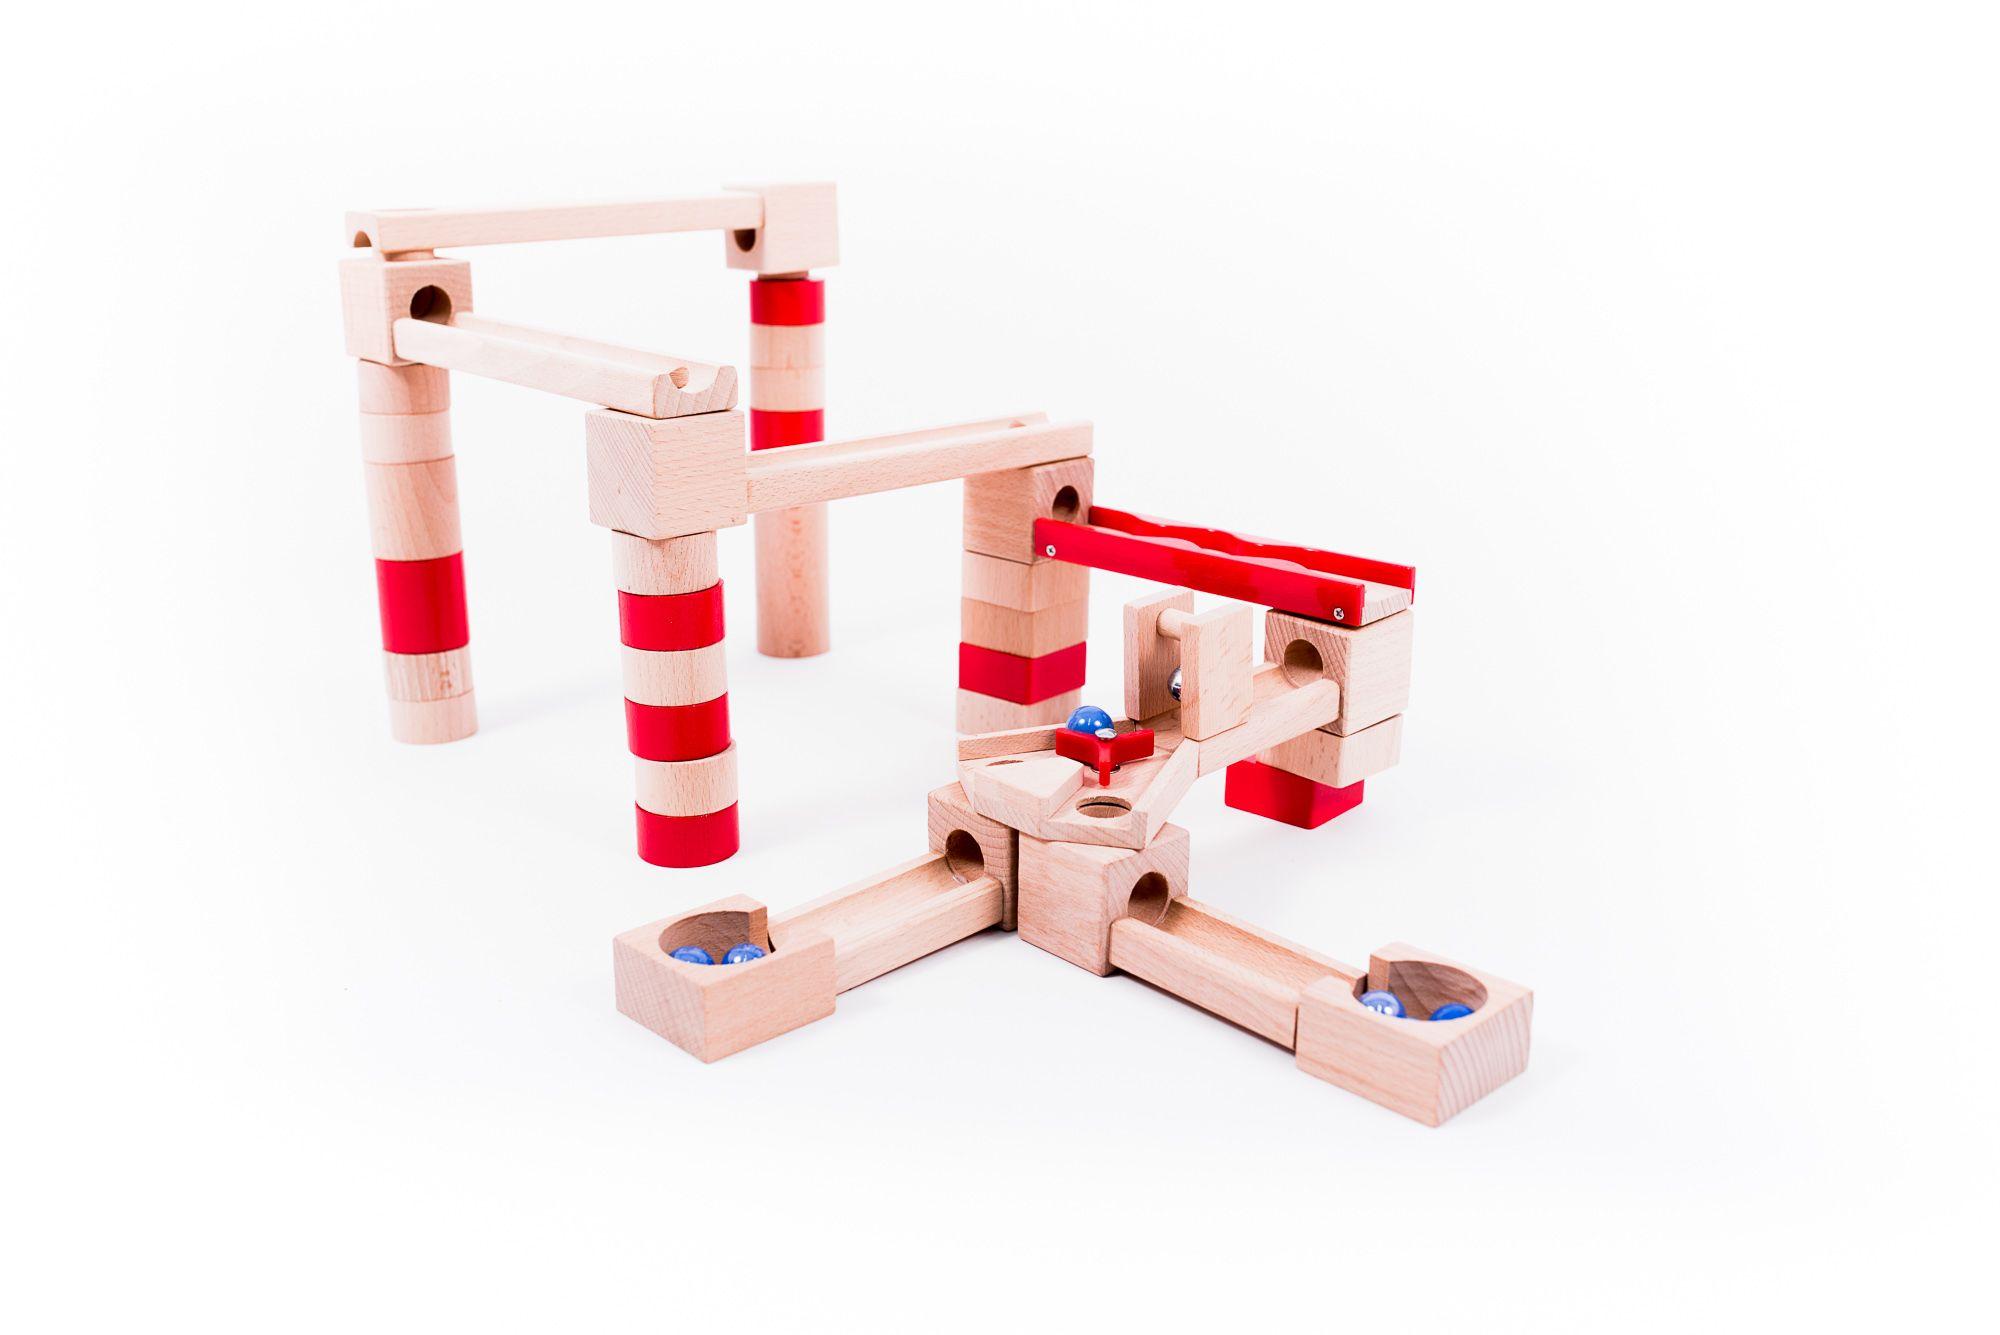 Alltoys dřevěná kuličková dráha 40 dílů - DOPRAVA OD 49,- Kč (ZÁSILKOVNA.CZ)